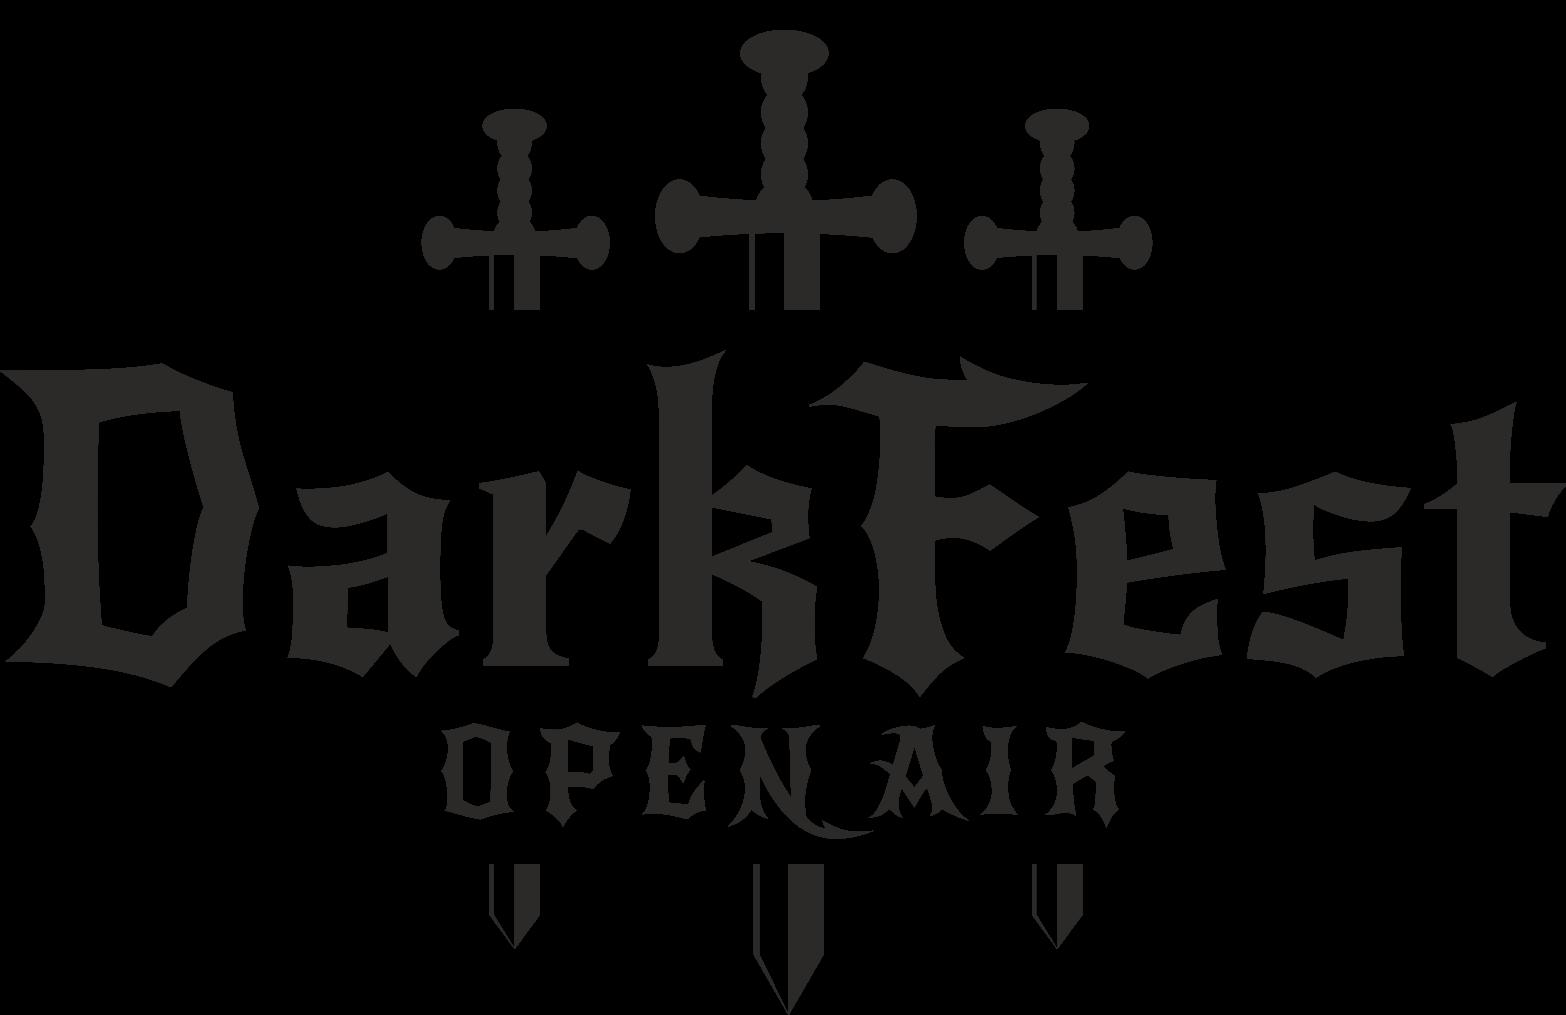 DARK FEST Open Air